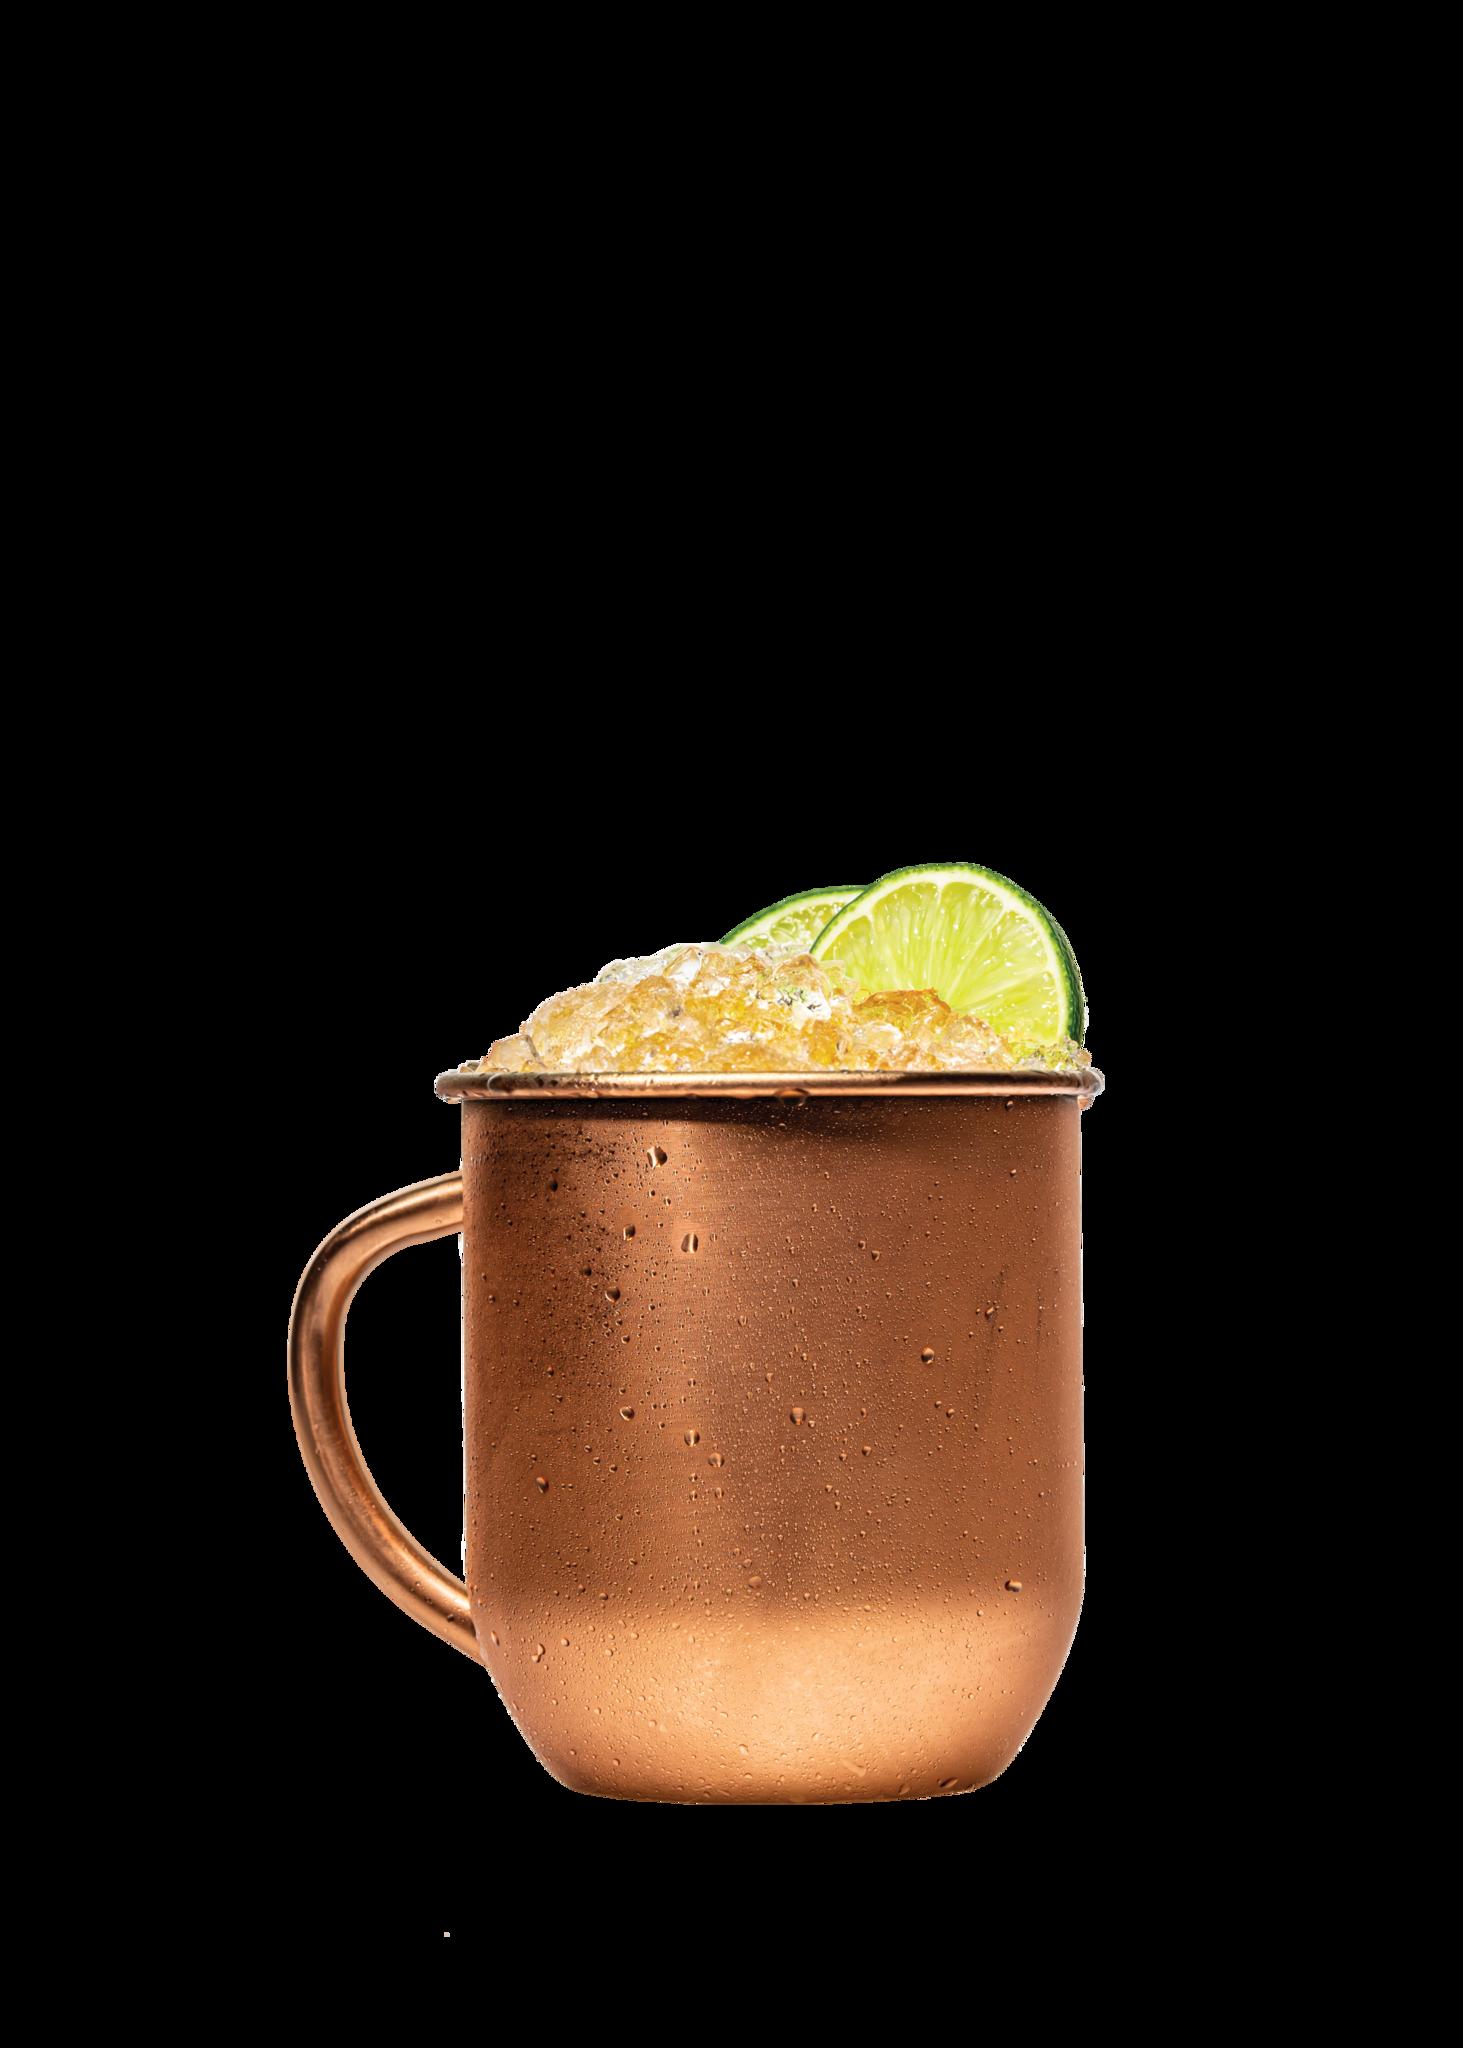 BACARDÍ Spiced Mule